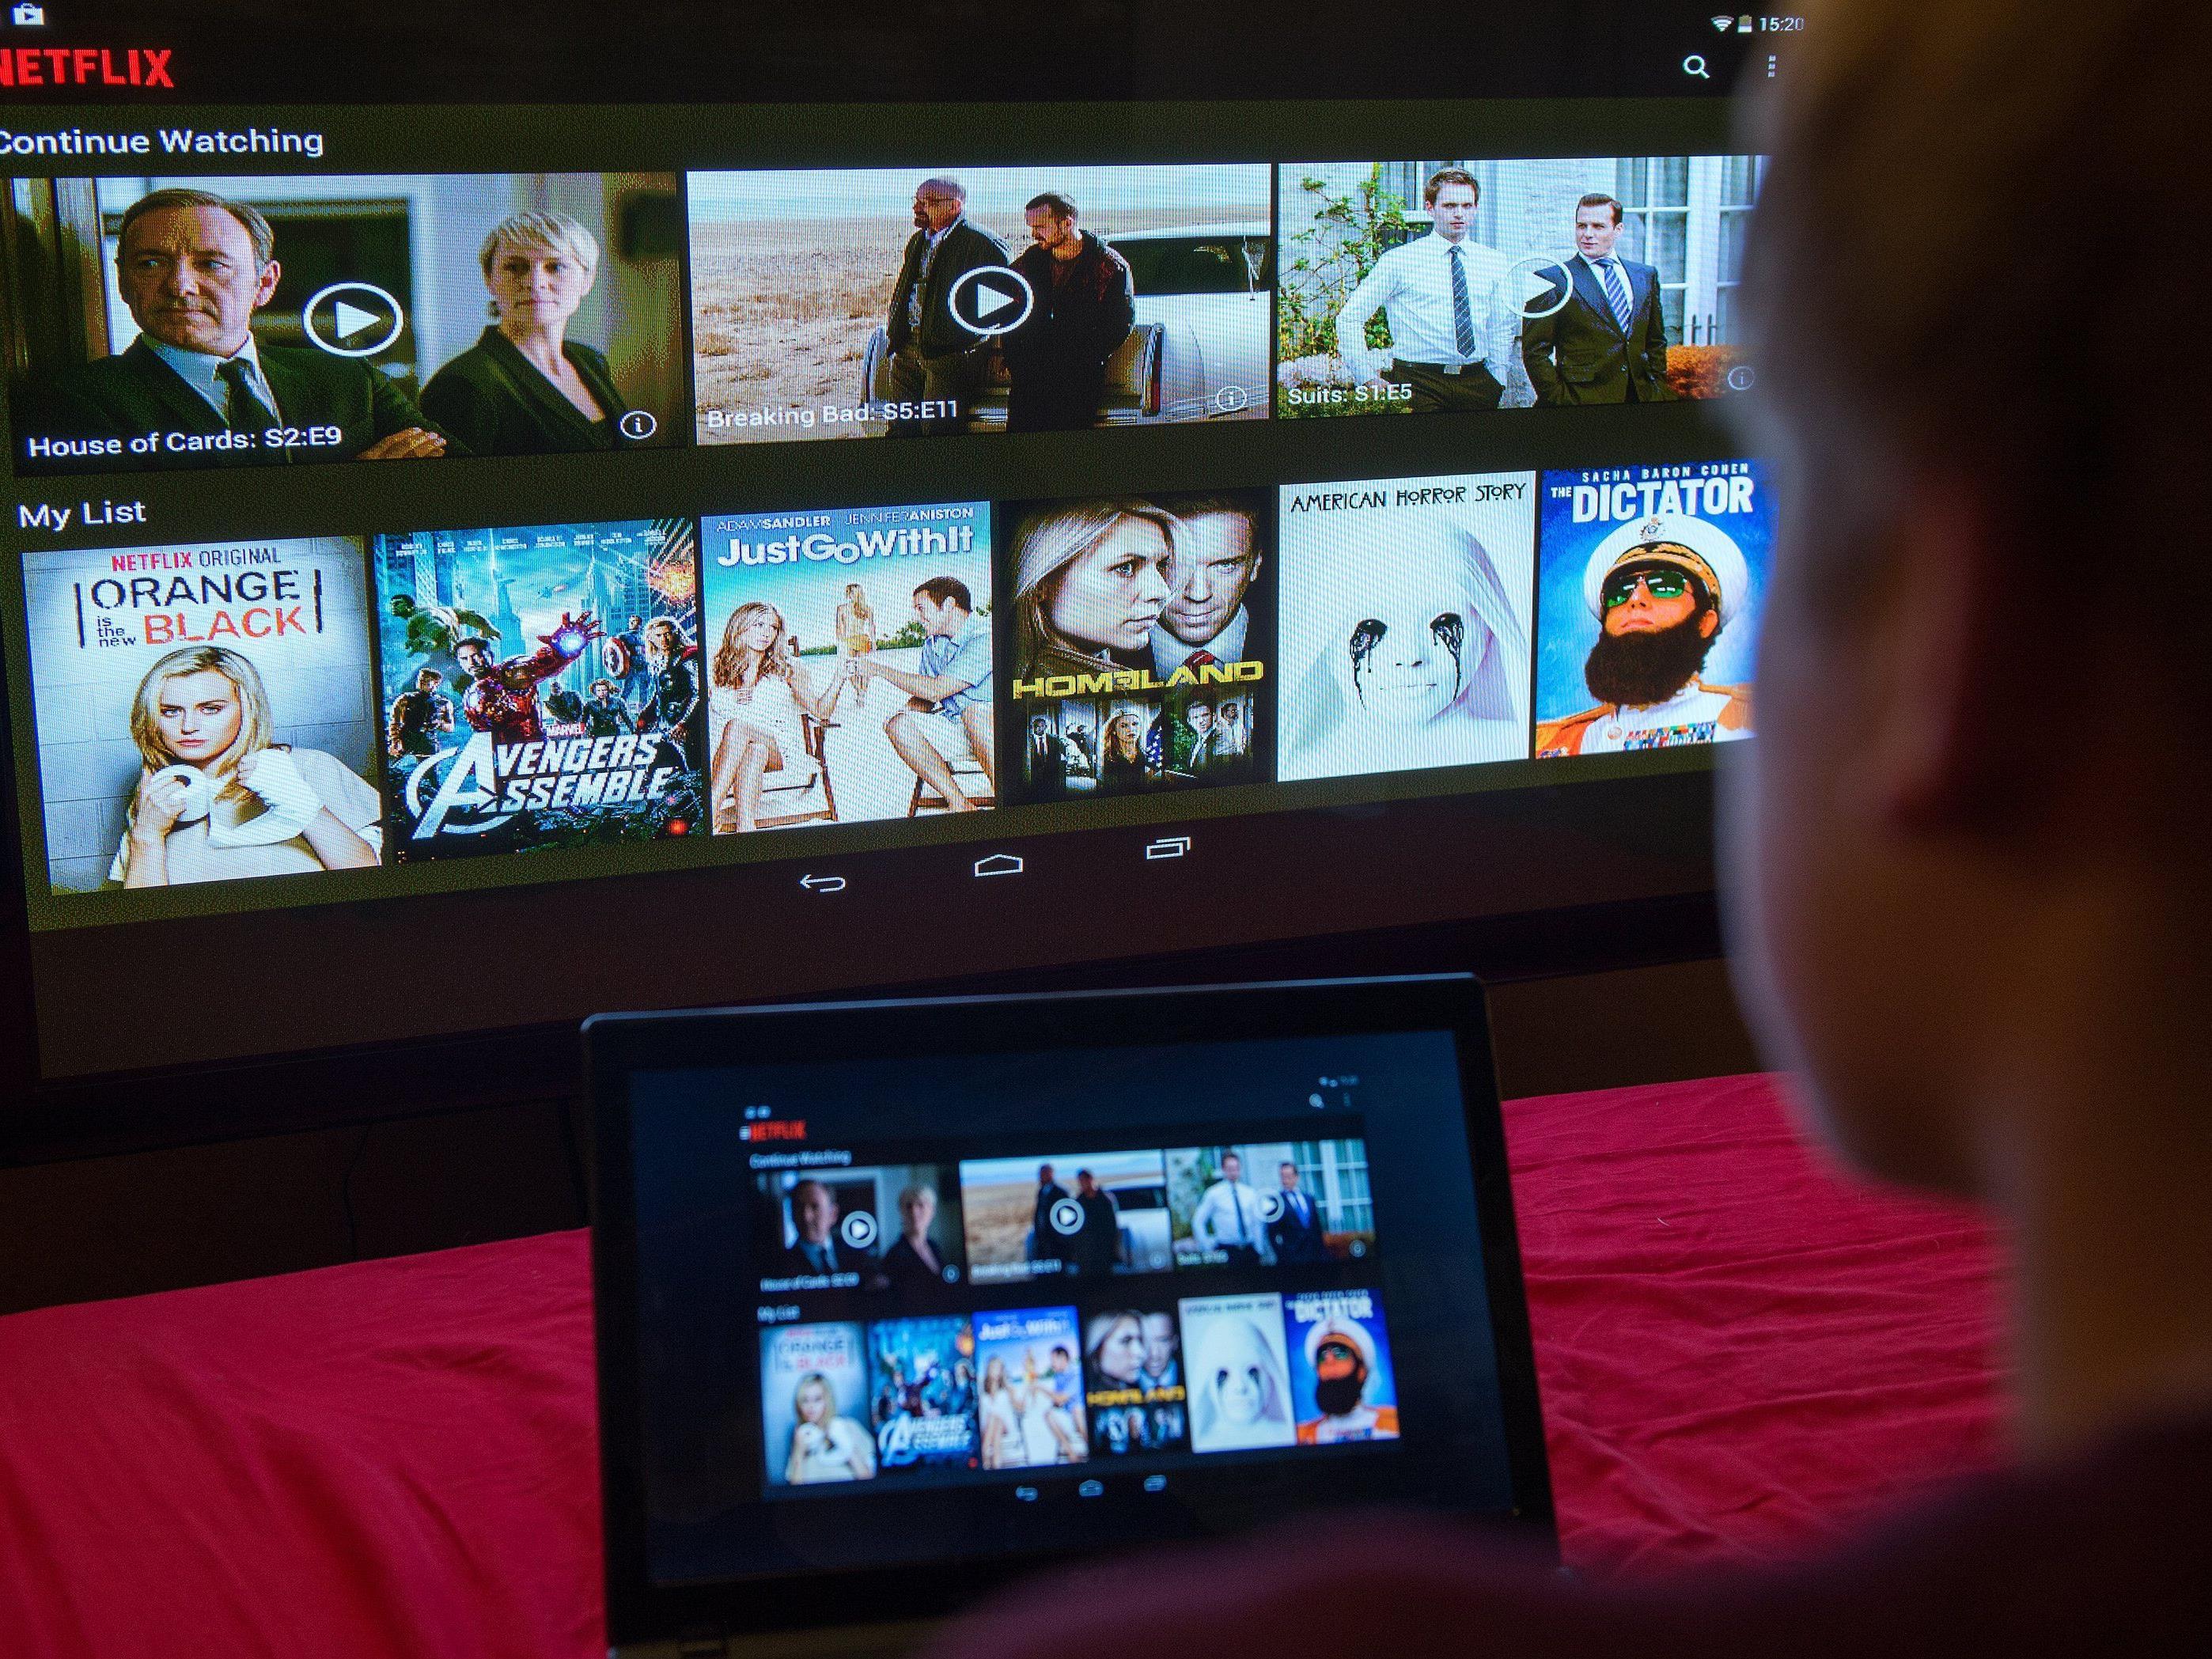 Netflix startet spätestens am Mittwoch auch in Österreich.